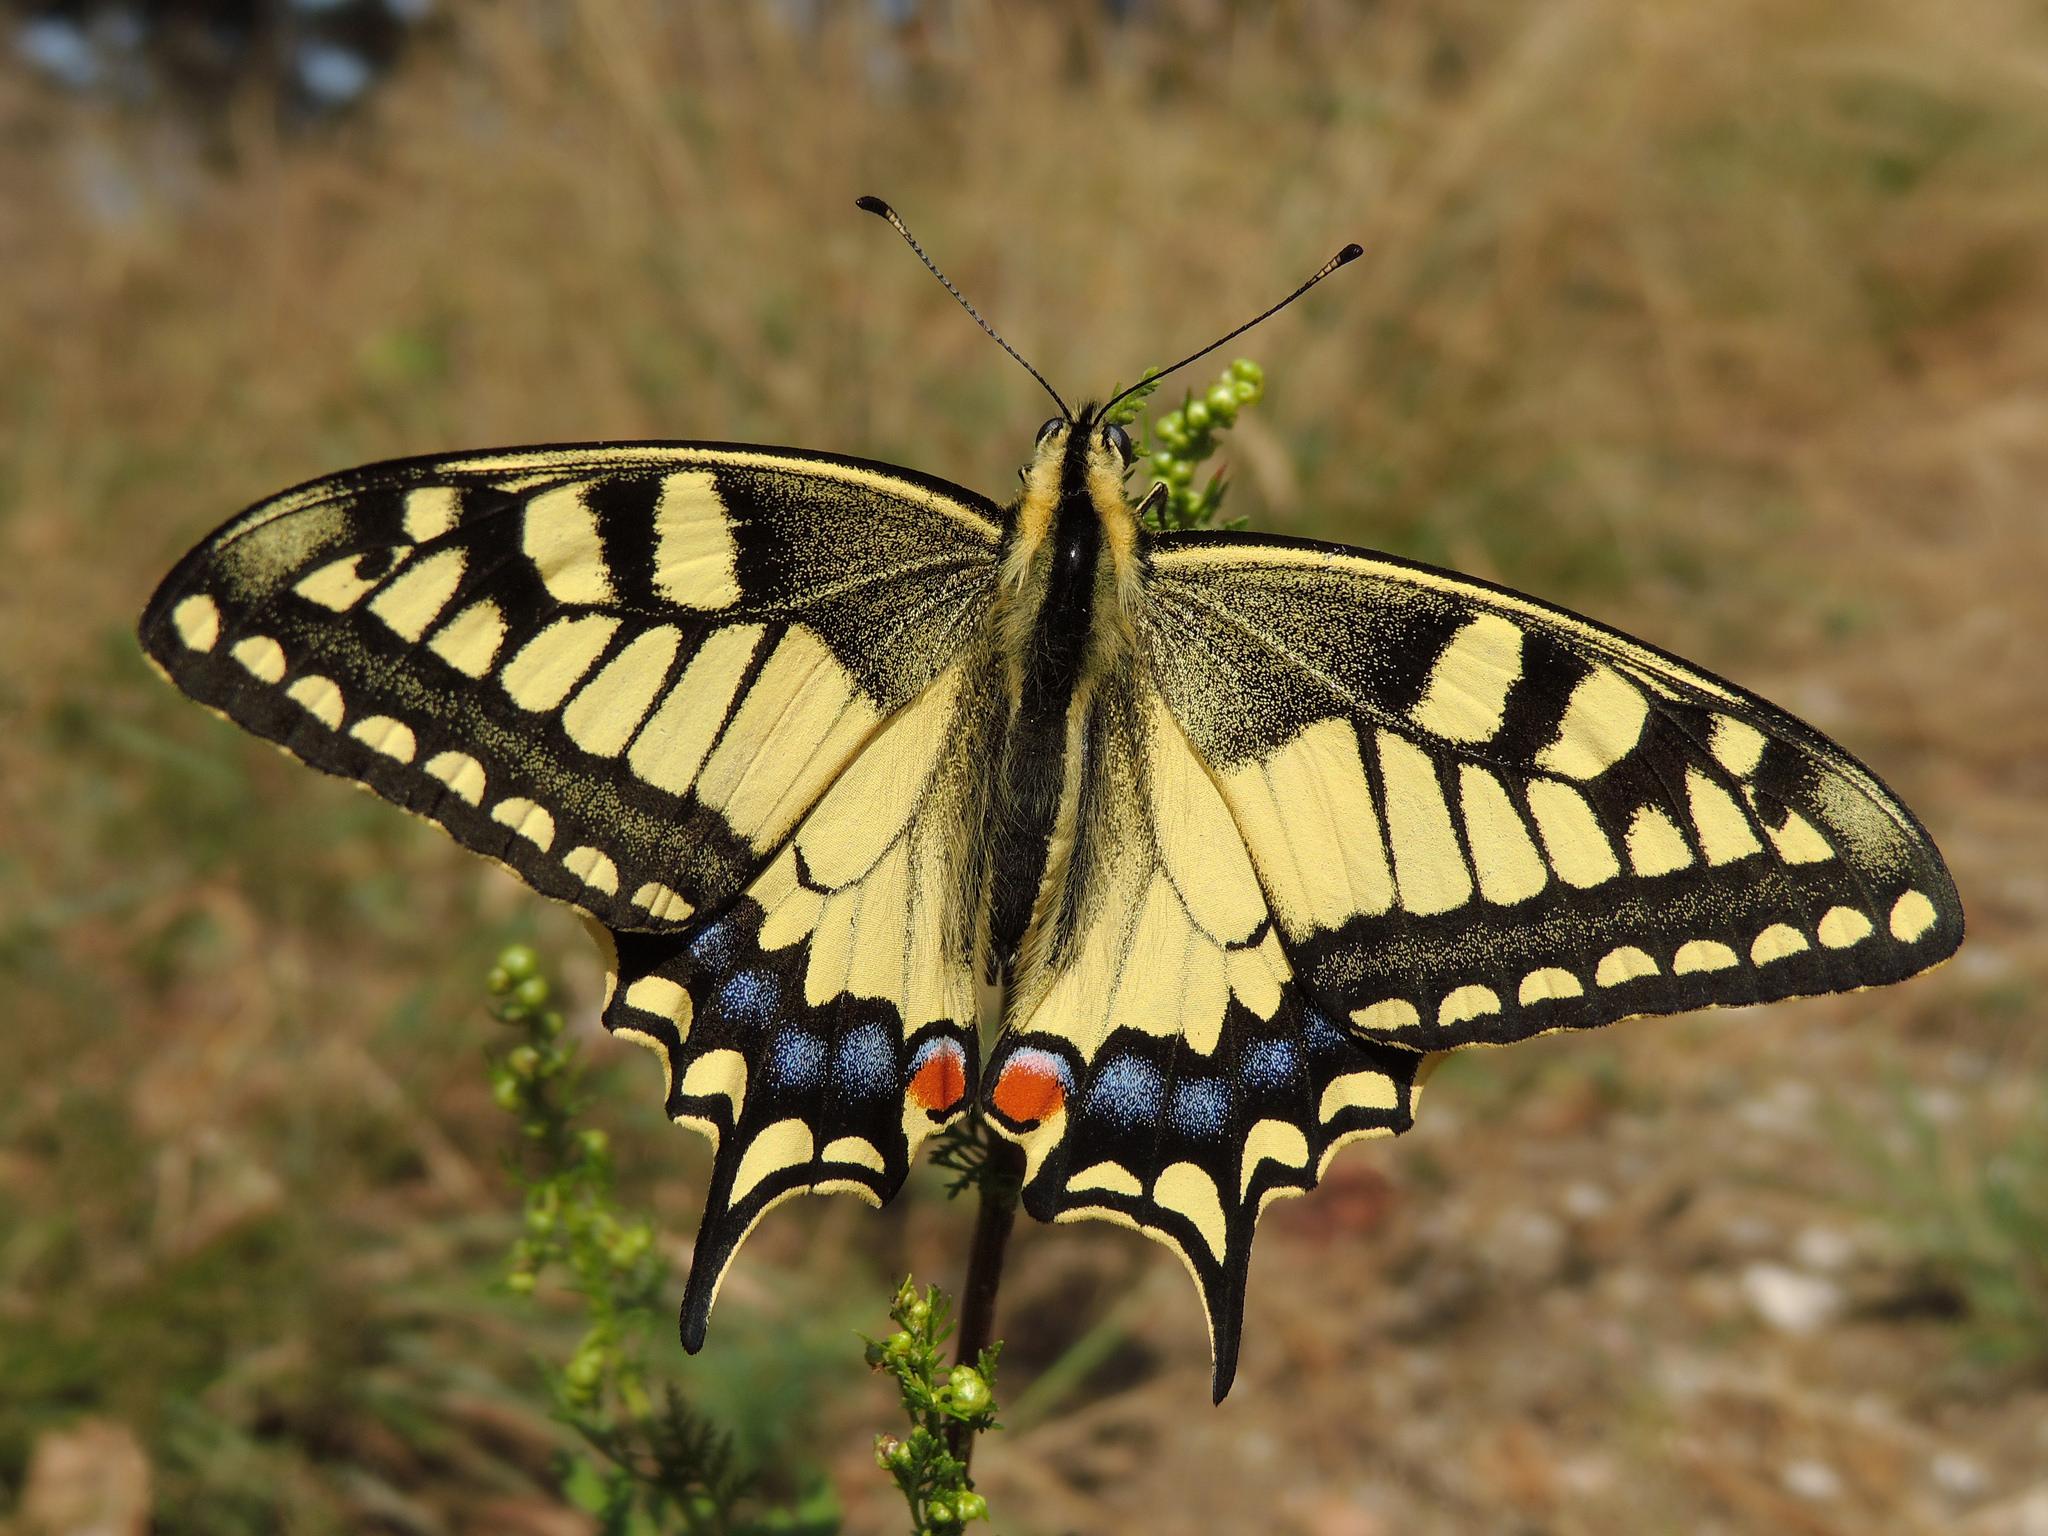 Common Yellow Swallowtail